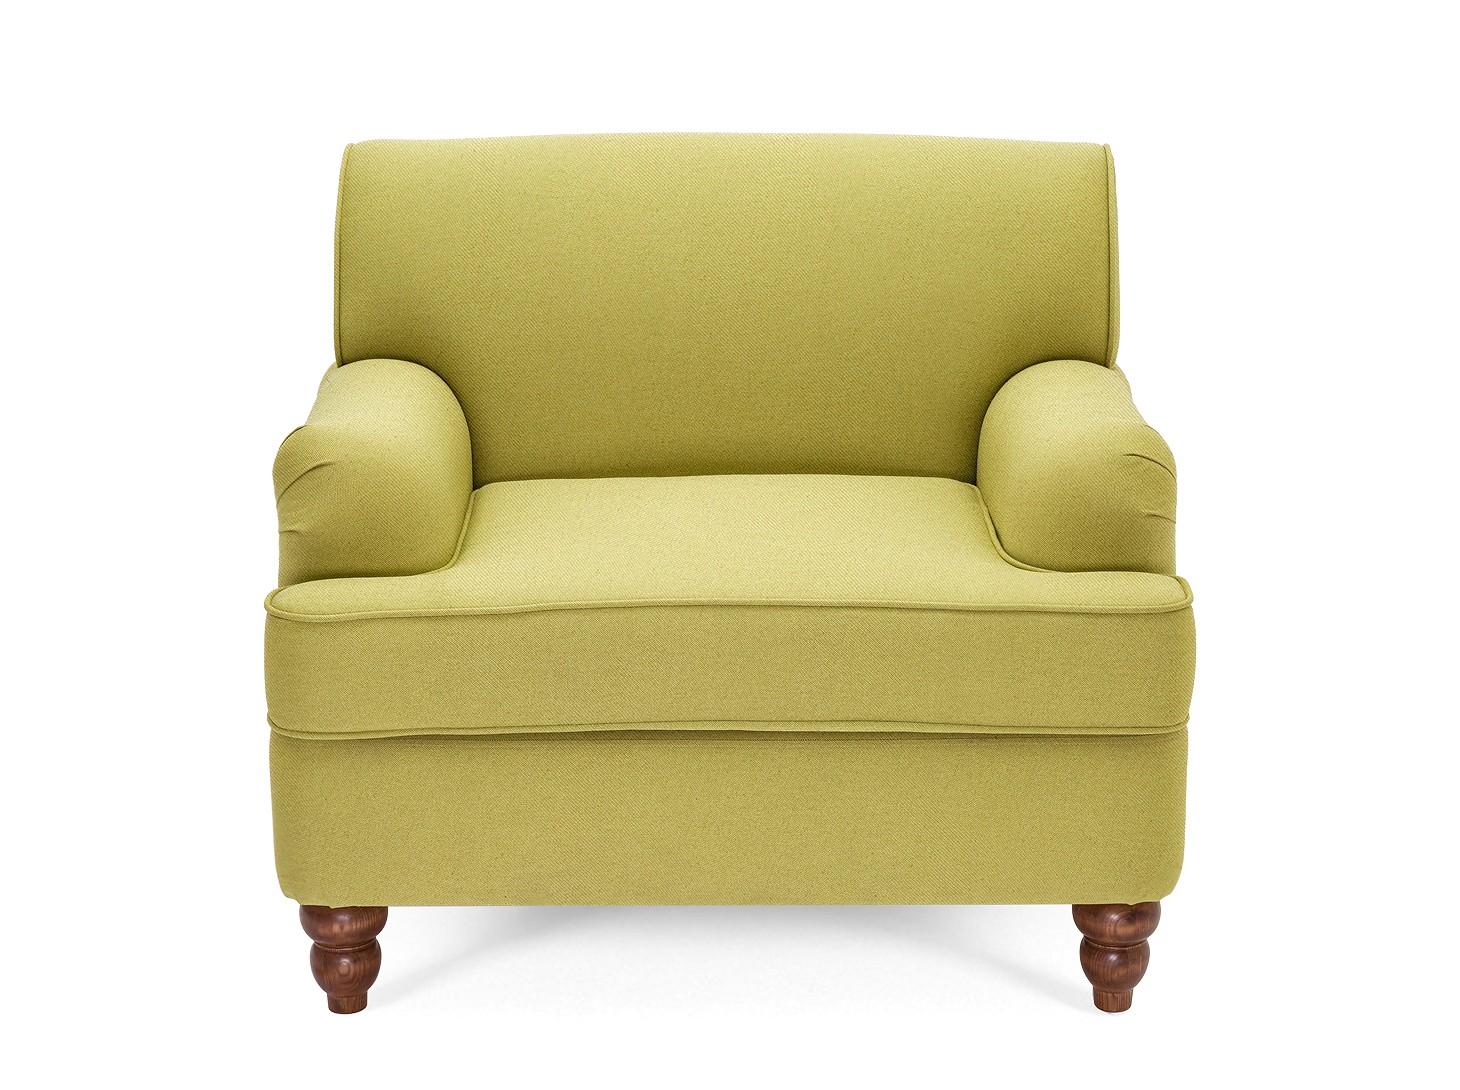 Кресло OneИнтерьерные кресла<br>В коллекции MyFurnish One мы собрали мебель, подходящую для любого интерьера. Первое кресло выдержано на грани традиционного и современного, практичного и красивого. Формы сочетают прованский стиль со скандинавскими элементами. Надежная обивочная ткань дополнена изящными ножками из массива дерева, которые выступают акцентом. А миниатюрные подлокотники обрамляют мягкое сидение, в котором будет приятно провести не один час. Предмет уместен и как дополнение к уже созданному дизайнерскому решению и как первый опыт в мире элегантной мебели.&amp;lt;div&amp;gt;&amp;lt;b style=&amp;quot;line-height: 1.78571;&amp;quot;&amp;gt;Каркас и ножки:&amp;lt;/b&amp;gt;&amp;lt;span style=&amp;quot;line-height: 1.78571;&amp;quot;&amp;gt; массив сосны и березы, фанера.&amp;lt;/span&amp;gt;&amp;lt;/div&amp;gt;&amp;lt;div&amp;gt;&amp;lt;b style=&amp;quot;line-height: 1.78571;&amp;quot;&amp;gt;Сиденье и спинка:&amp;lt;/b&amp;gt;&amp;lt;span style=&amp;quot;line-height: 1.78571;&amp;quot;&amp;gt; пружины Nosag, ремни, высокоэластичный ППУ&amp;lt;/span&amp;gt;&amp;lt;/div&amp;gt;&amp;lt;div&amp;gt;&amp;lt;b style=&amp;quot;line-height: 1.78571;&amp;quot;&amp;gt;Обивка:&amp;lt;/b&amp;gt;&amp;lt;span style=&amp;quot;line-height: 1.78571;&amp;quot;&amp;gt;&amp;amp;nbsp;Немнущаяся, устойчивая к стиранию упругая ткань Paris. 25 натуральных оттенков.&amp;lt;/span&amp;gt;&amp;lt;/div&amp;gt;&amp;lt;div&amp;gt;&amp;lt;b style=&amp;quot;line-height: 1.78571;&amp;quot;&amp;gt;The Furnish&amp;lt;/b&amp;gt;&amp;lt;span style=&amp;quot;line-height: 1.78571;&amp;quot;&amp;gt; предоставляет покупателю гарантию качества, действующую в течение 12 календарных месяцев со дня получения.&amp;lt;/span&amp;gt;&amp;lt;/div&amp;gt;&amp;lt;div&amp;gt;Цвет на фото предоставлен в палитре: салатовый - 80&amp;lt;br&amp;gt;&amp;lt;/div&amp;gt;&amp;lt;div&amp;gt;&amp;lt;br&amp;gt;&amp;lt;/div&amp;gt;&amp;lt;div&amp;gt;&amp;lt;br&amp;gt;&amp;lt;/div&amp;gt;<br><br>Material: Текстиль<br>Length 